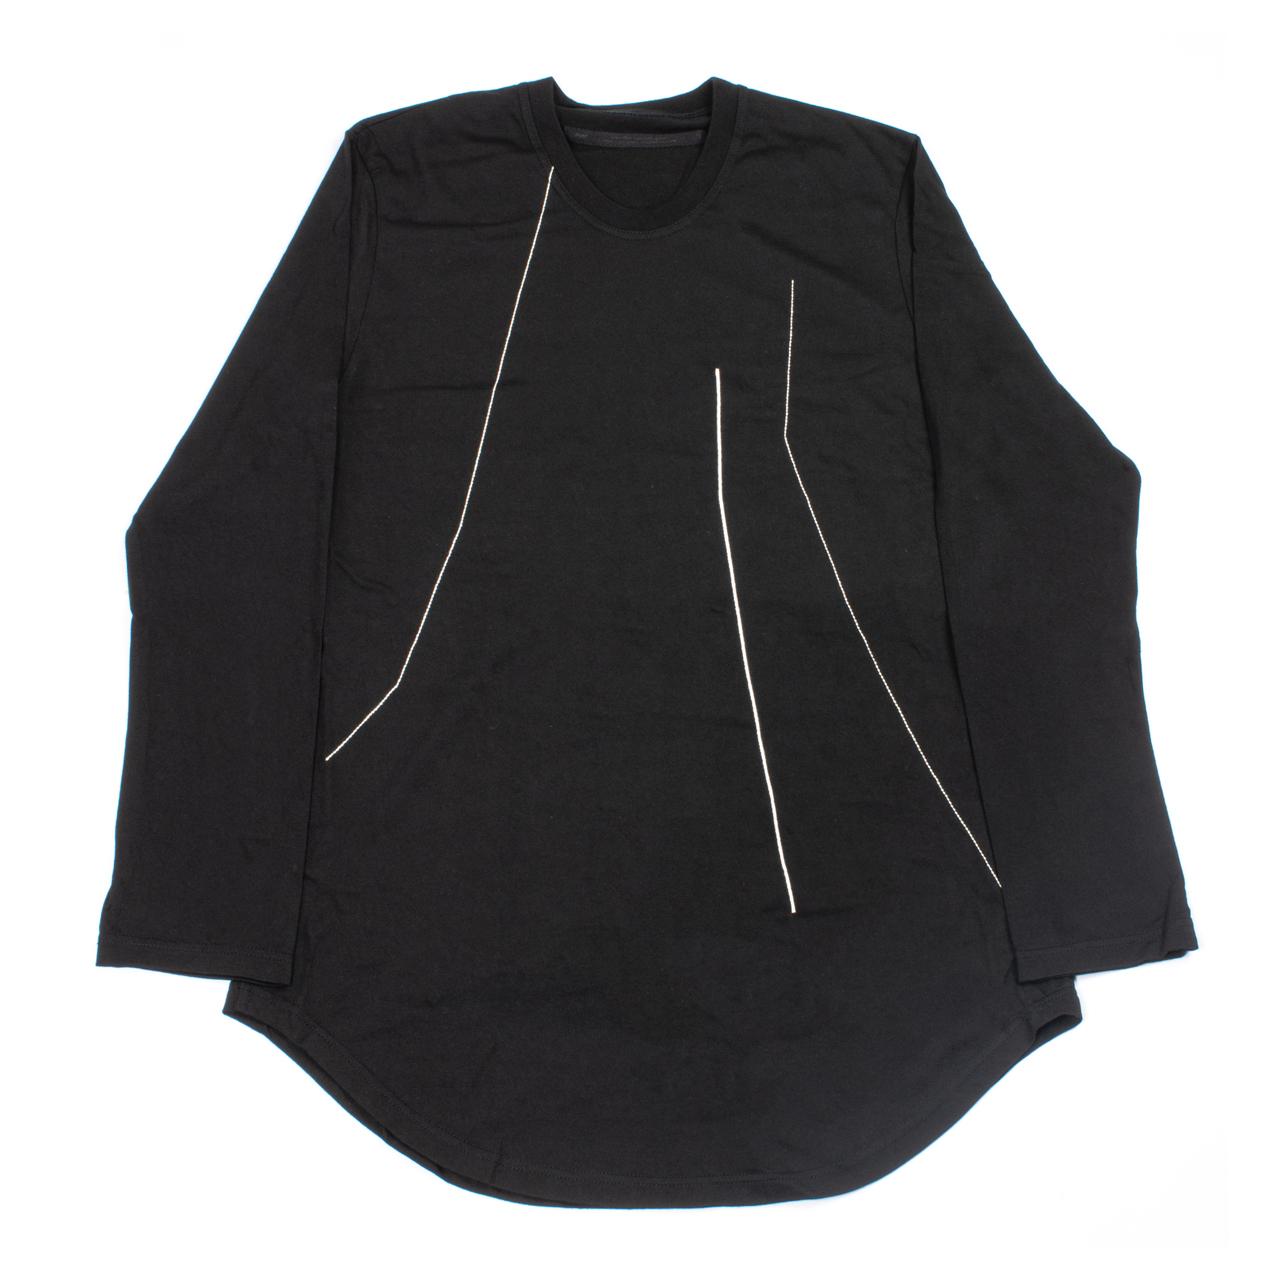 727CUM9-S-BLACK / 刺繍 ロングスリーブ Tシャツ